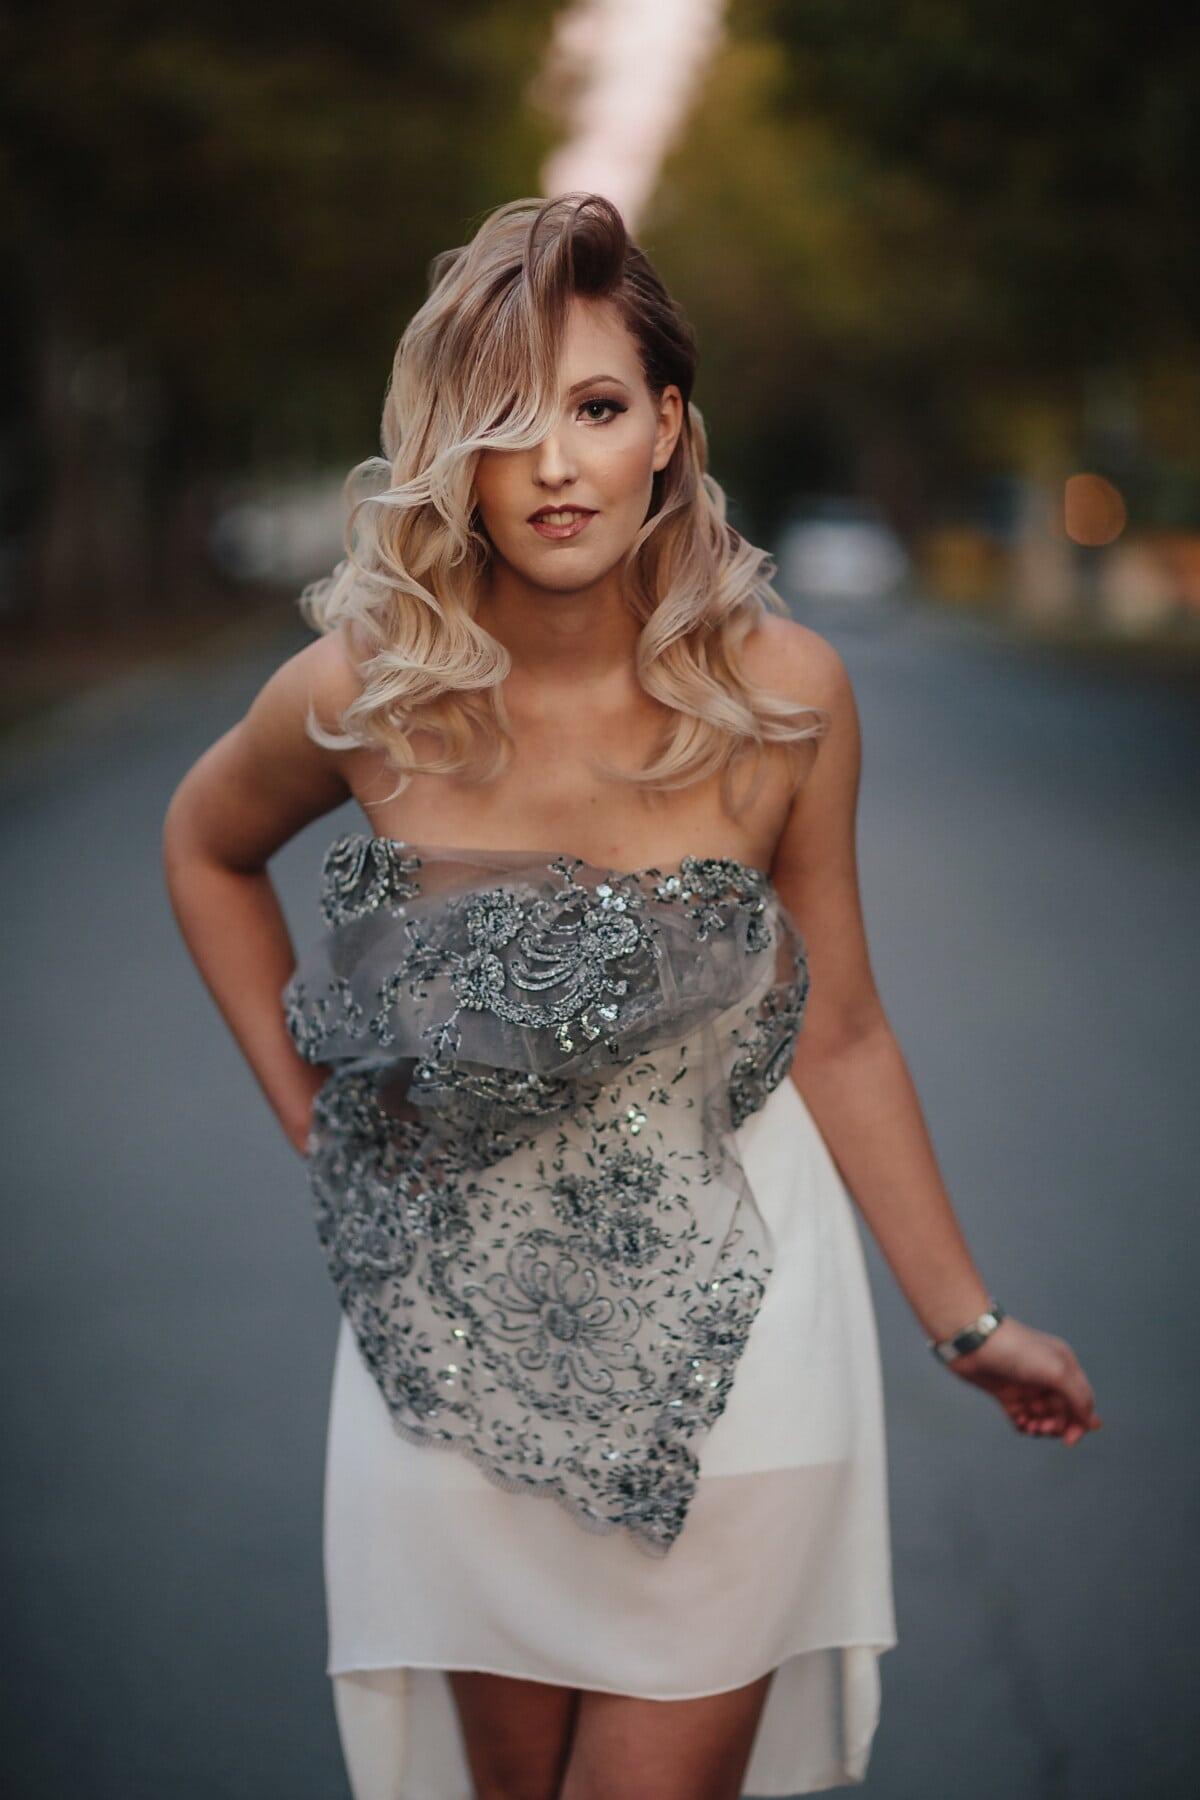 glamur, lijepa djevojka, plava kosa, hodanje, urbano, asfalt, cesta, modni, haljina, žena